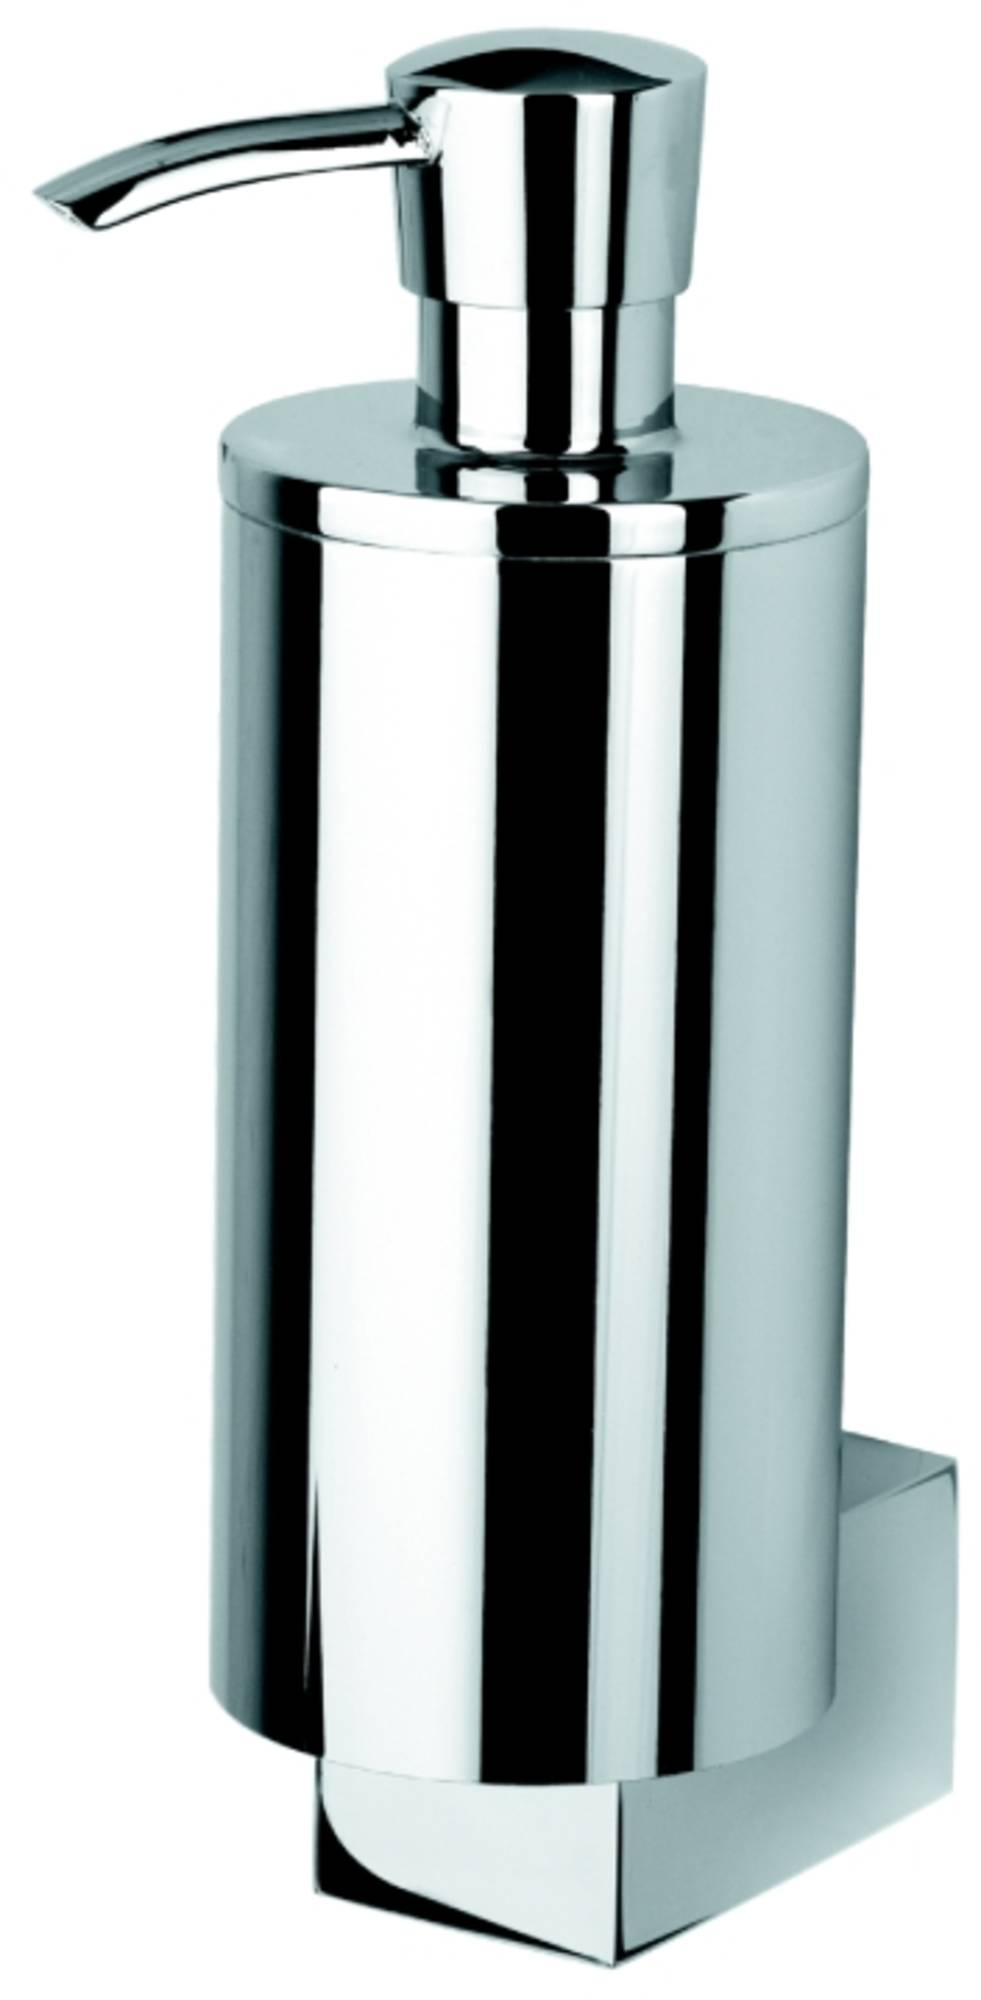 Geesa NexX zeepdispenser chroom 751602